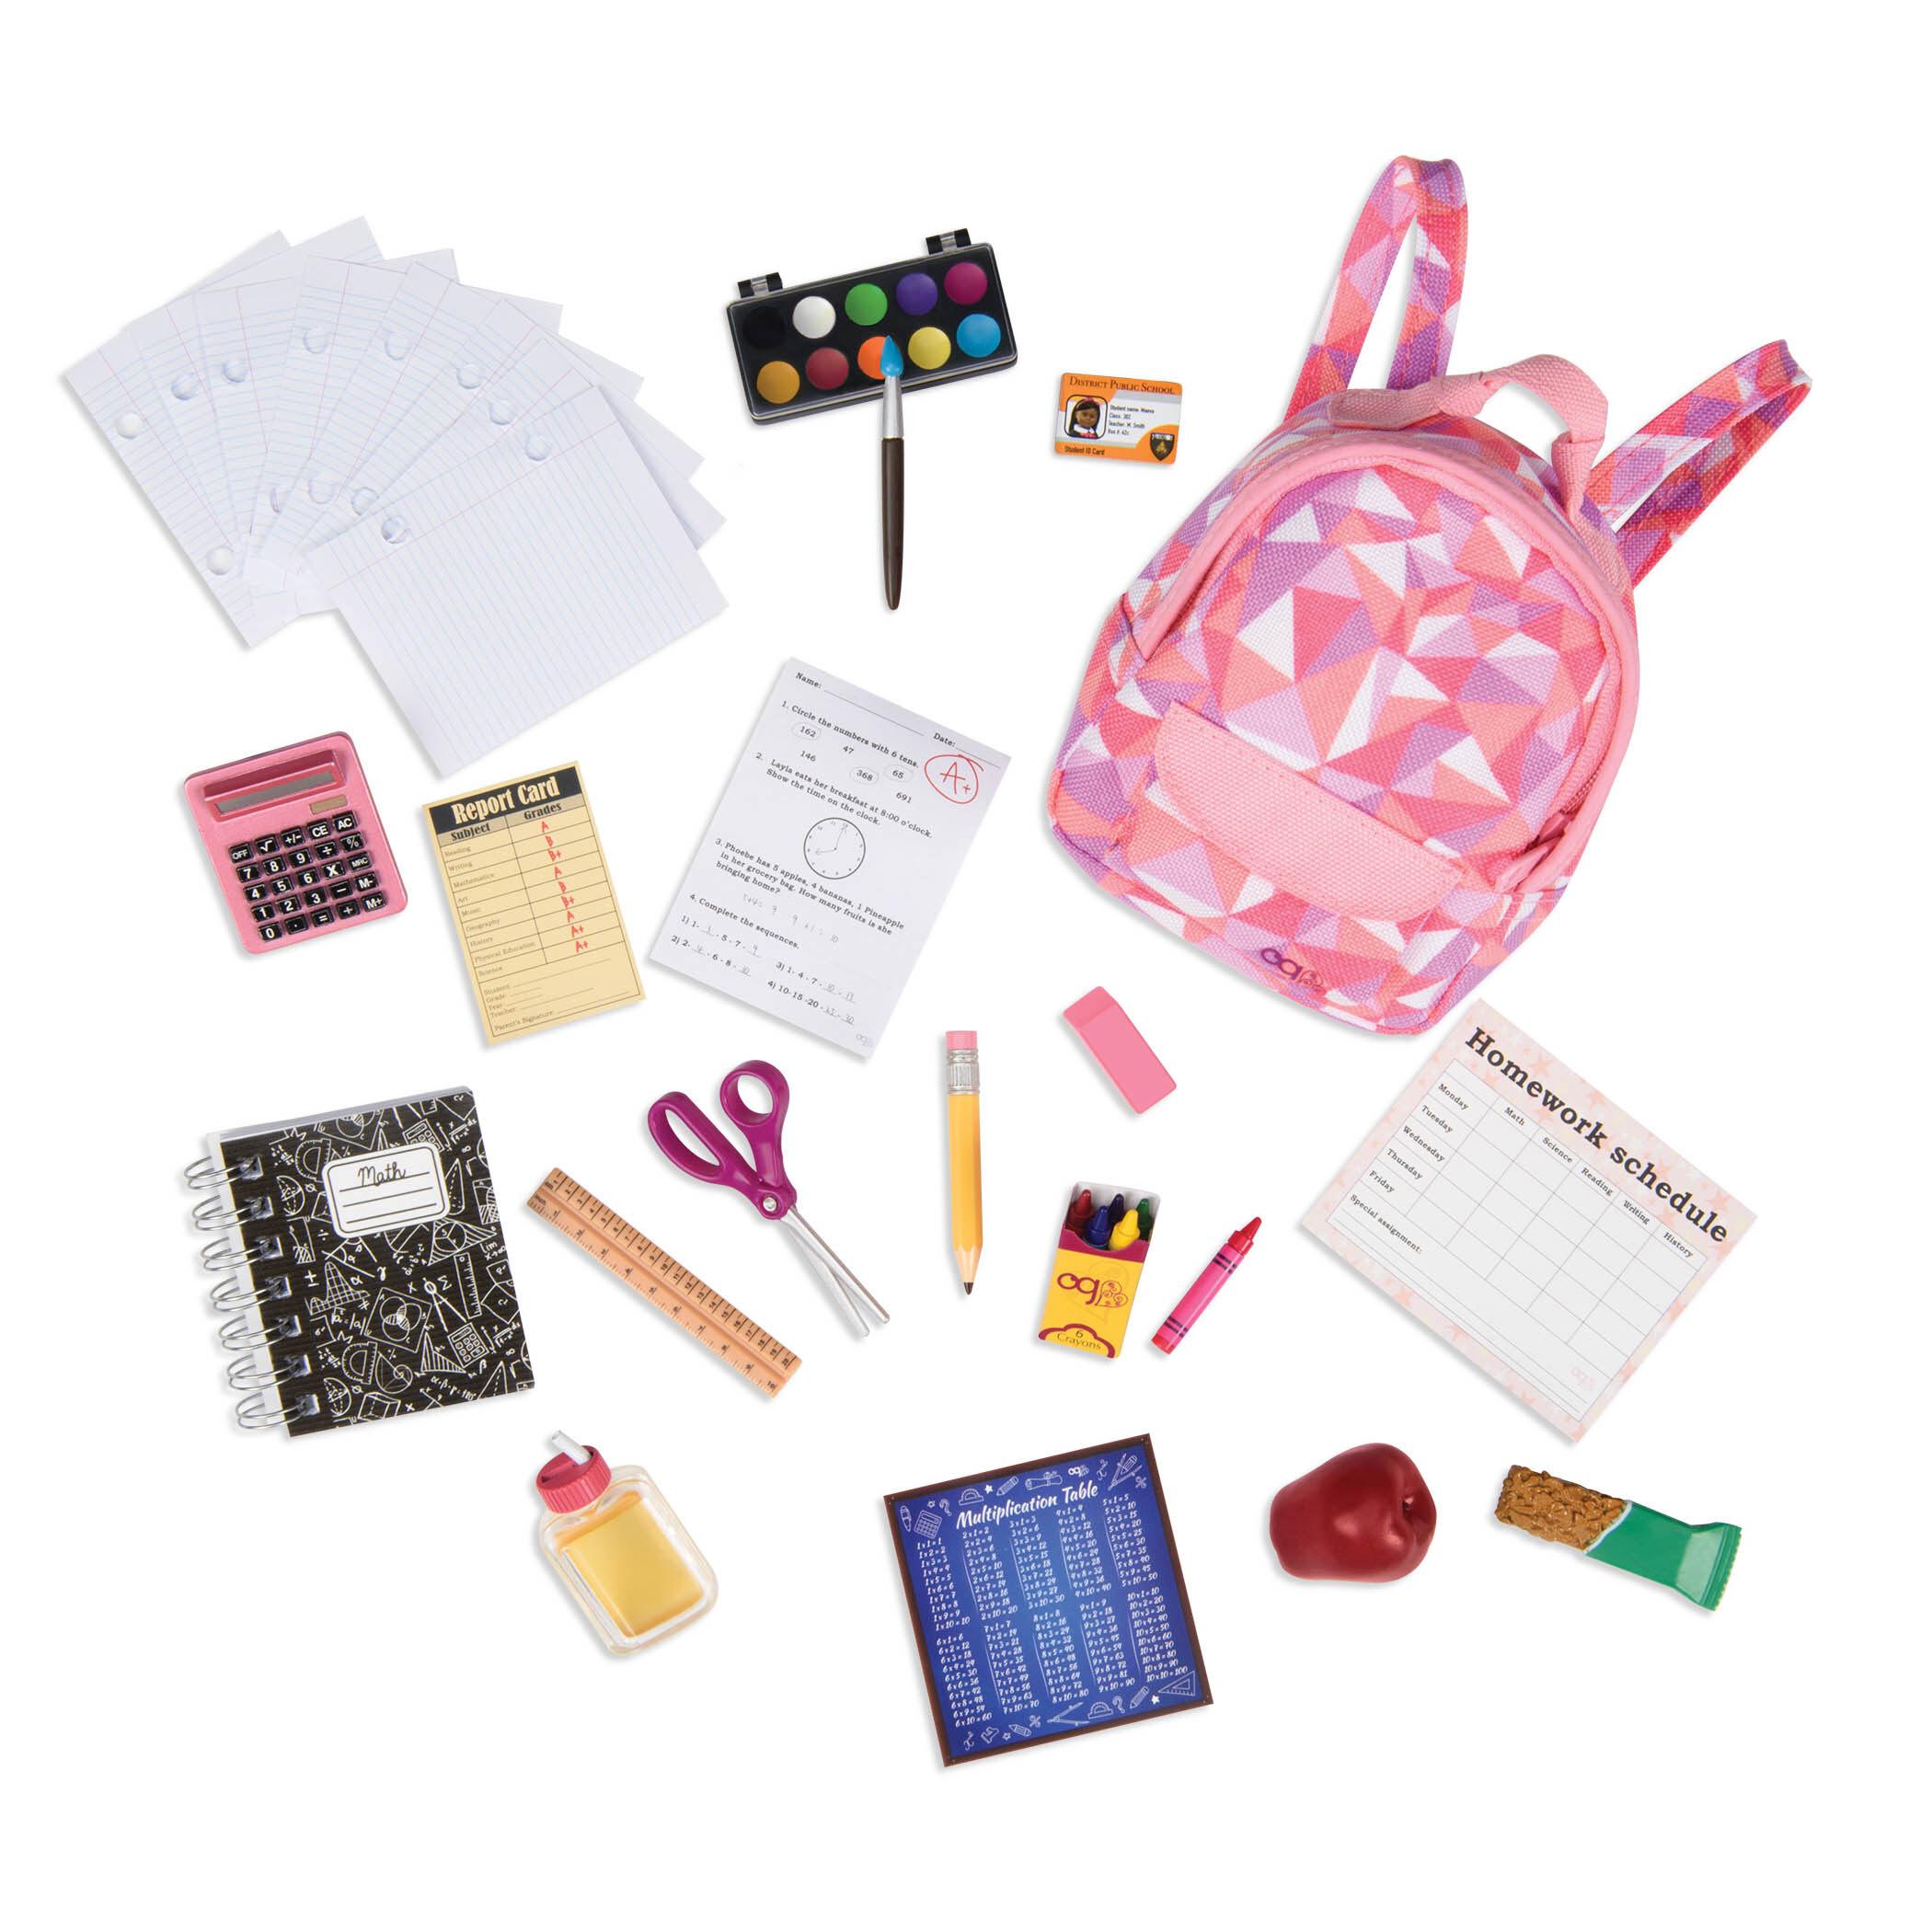 ตุ๊กตาโอจี Our Generation Dolls ( Og Dolls ) - Off To School Accessory Set ชุดอุปกรณ์การเรียนสำหรับตุ๊กตาโอจี.